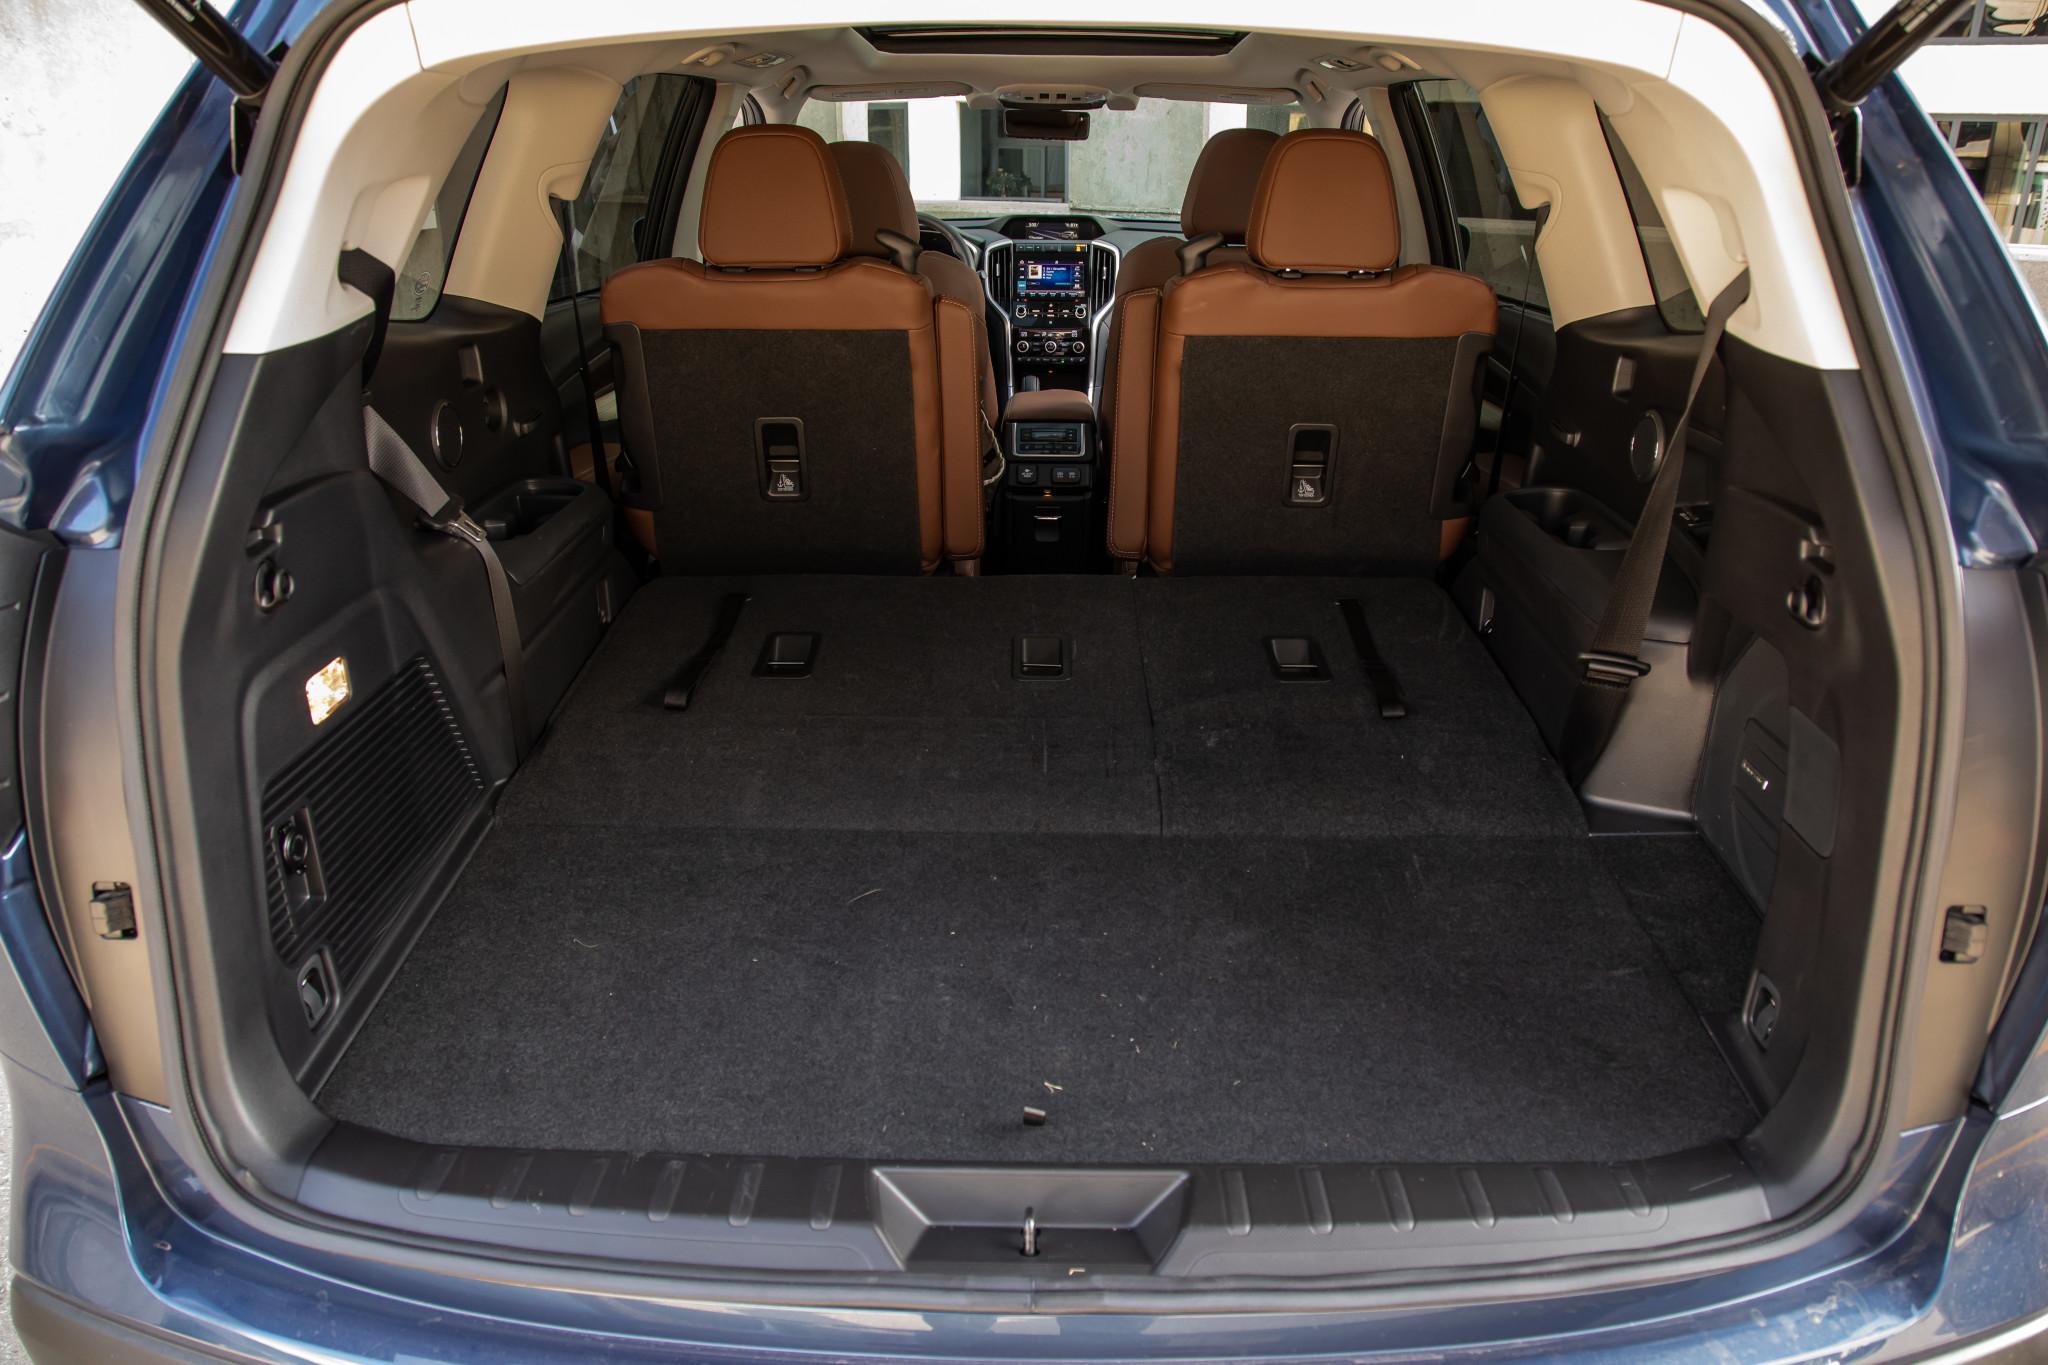 3-Row SUVs With the Best Cargo Areas via @carsdotcom